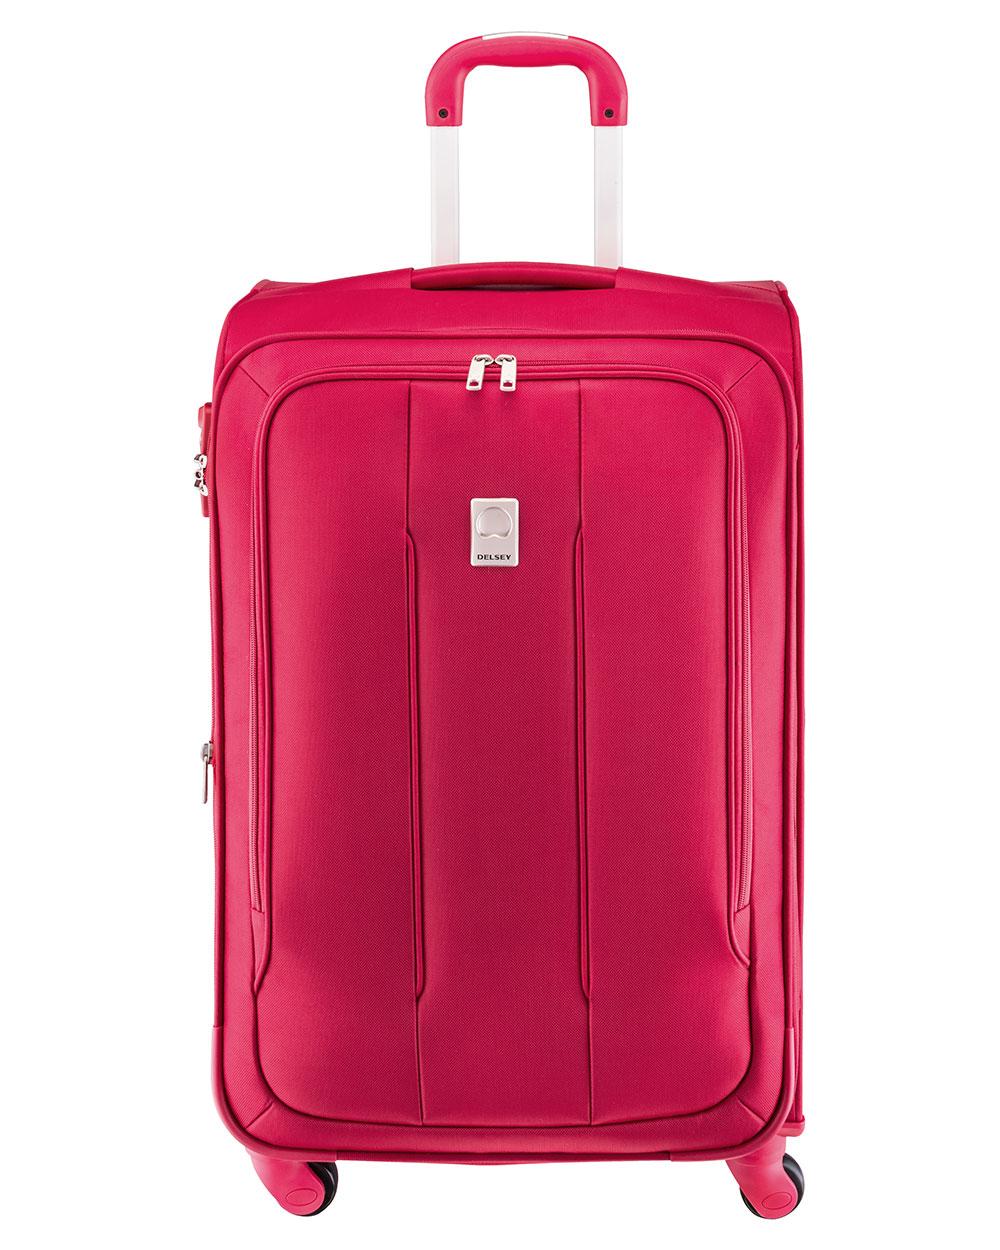 delsey valise pas cher m discrete 4 roues 69 cm rouge 3. Black Bedroom Furniture Sets. Home Design Ideas